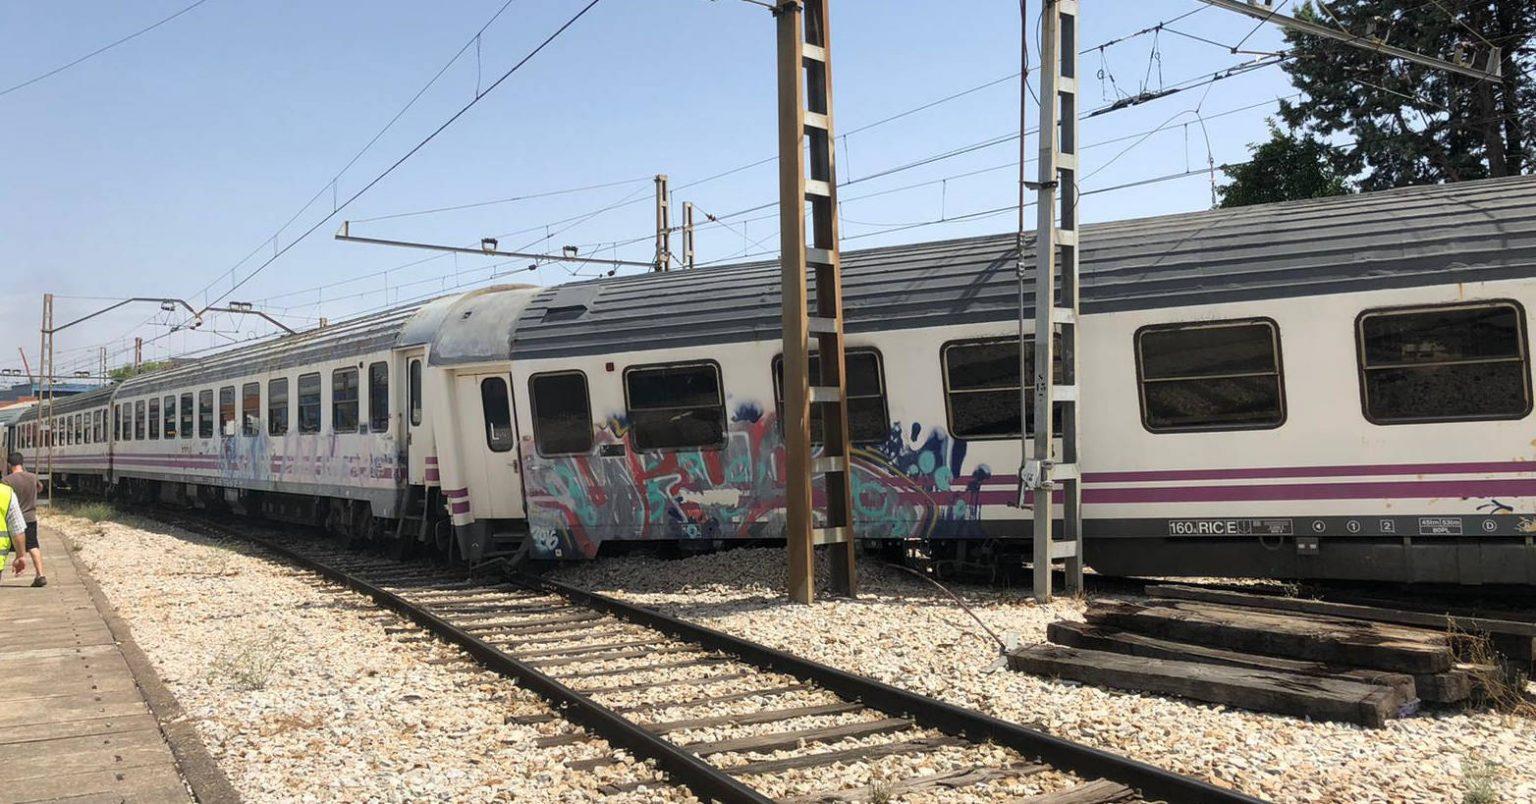 Los coches de Renfe vendidos a CP descarrilados en Fuencarral. Foto: autor desconocido